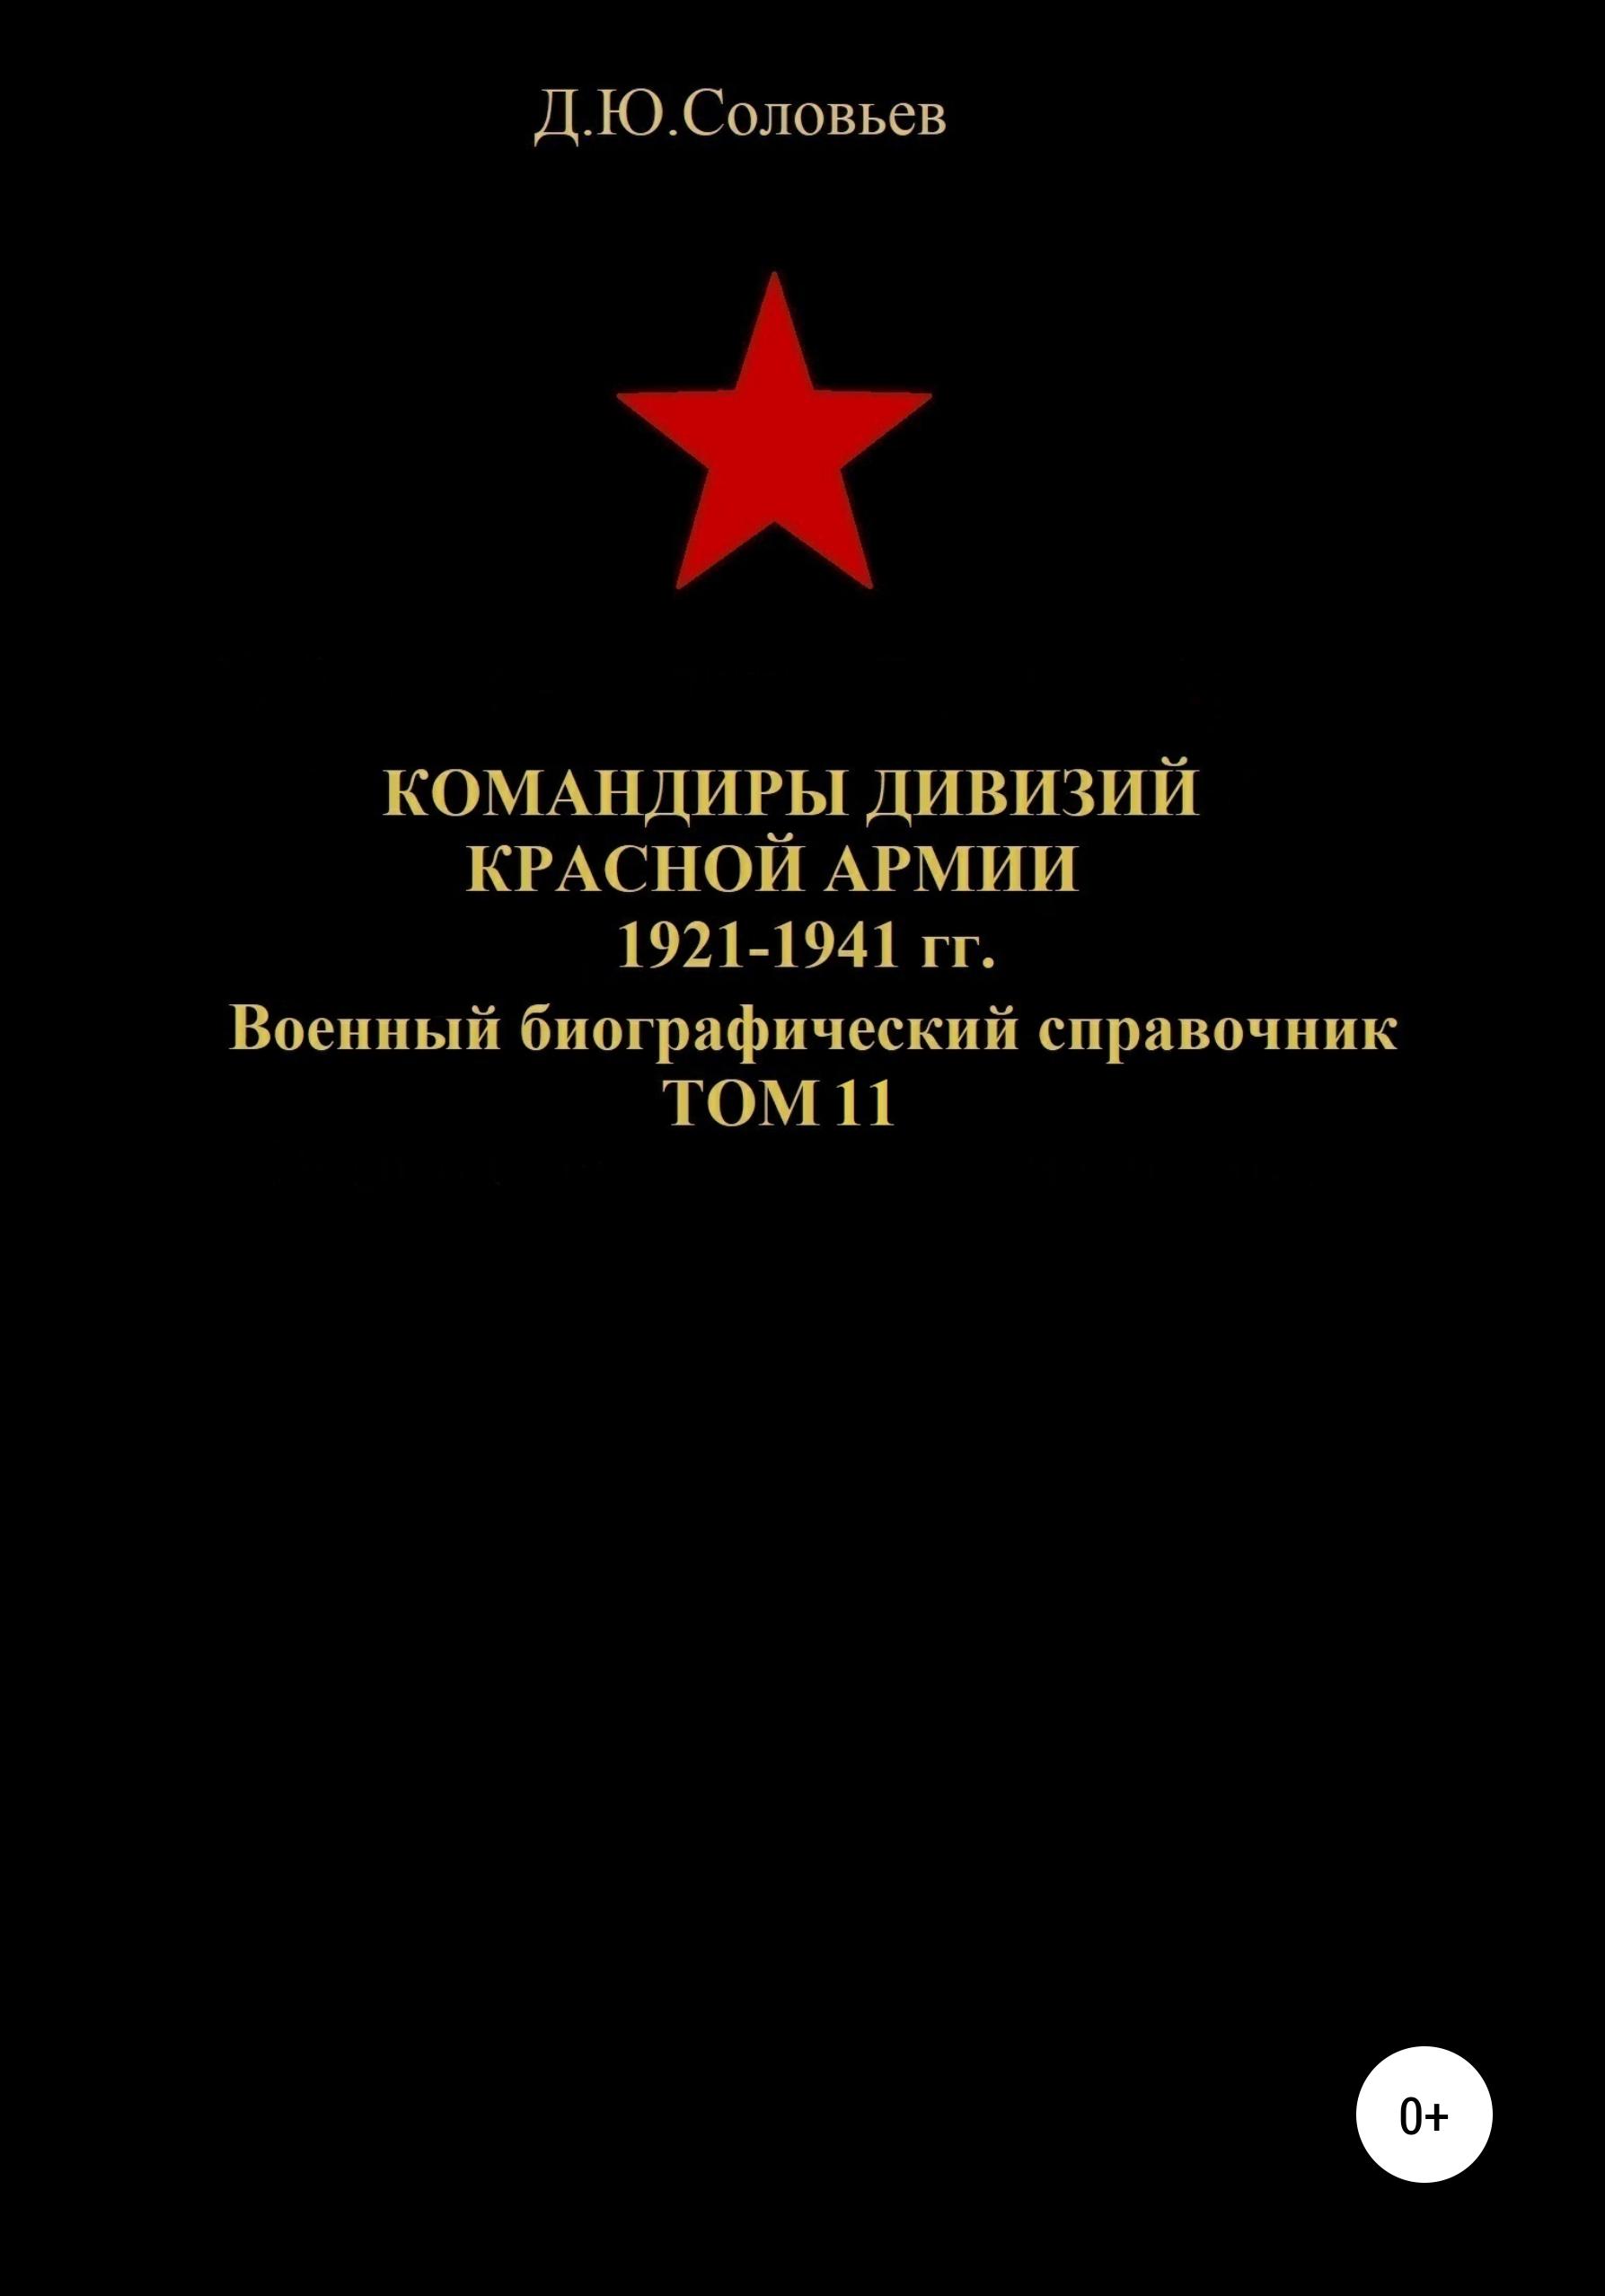 Командиры дивизий Красной Армии 1921-1941 гг. Том 11